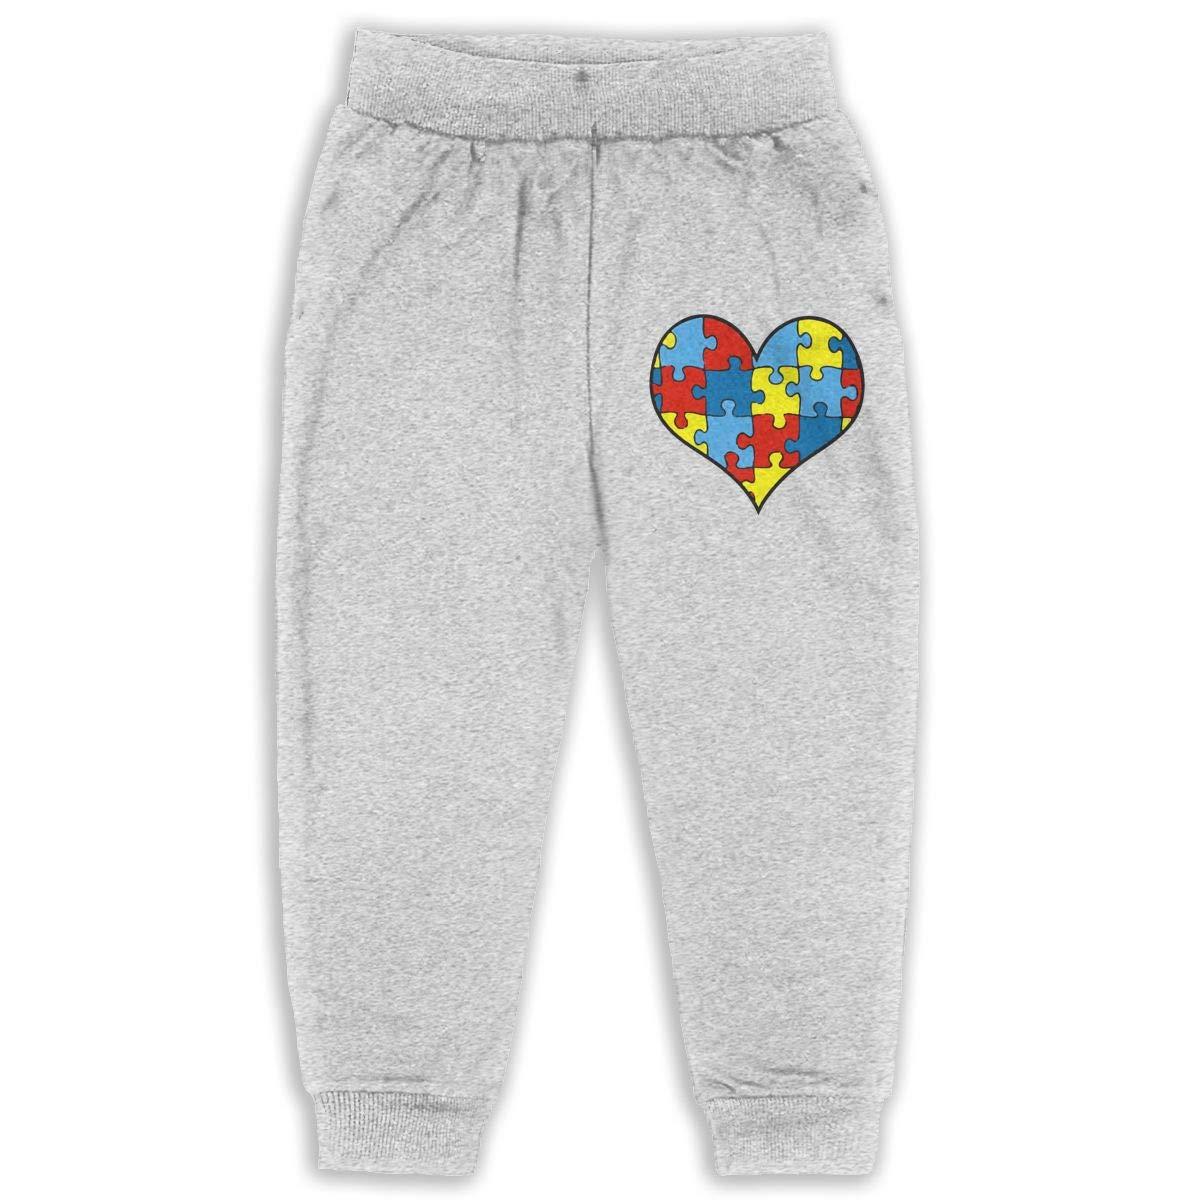 Soft Cozy Baby Boy Jogger Play Pant Udyi/&Jln-97 Autism Awareness Heart Kids /& Toddler Pants